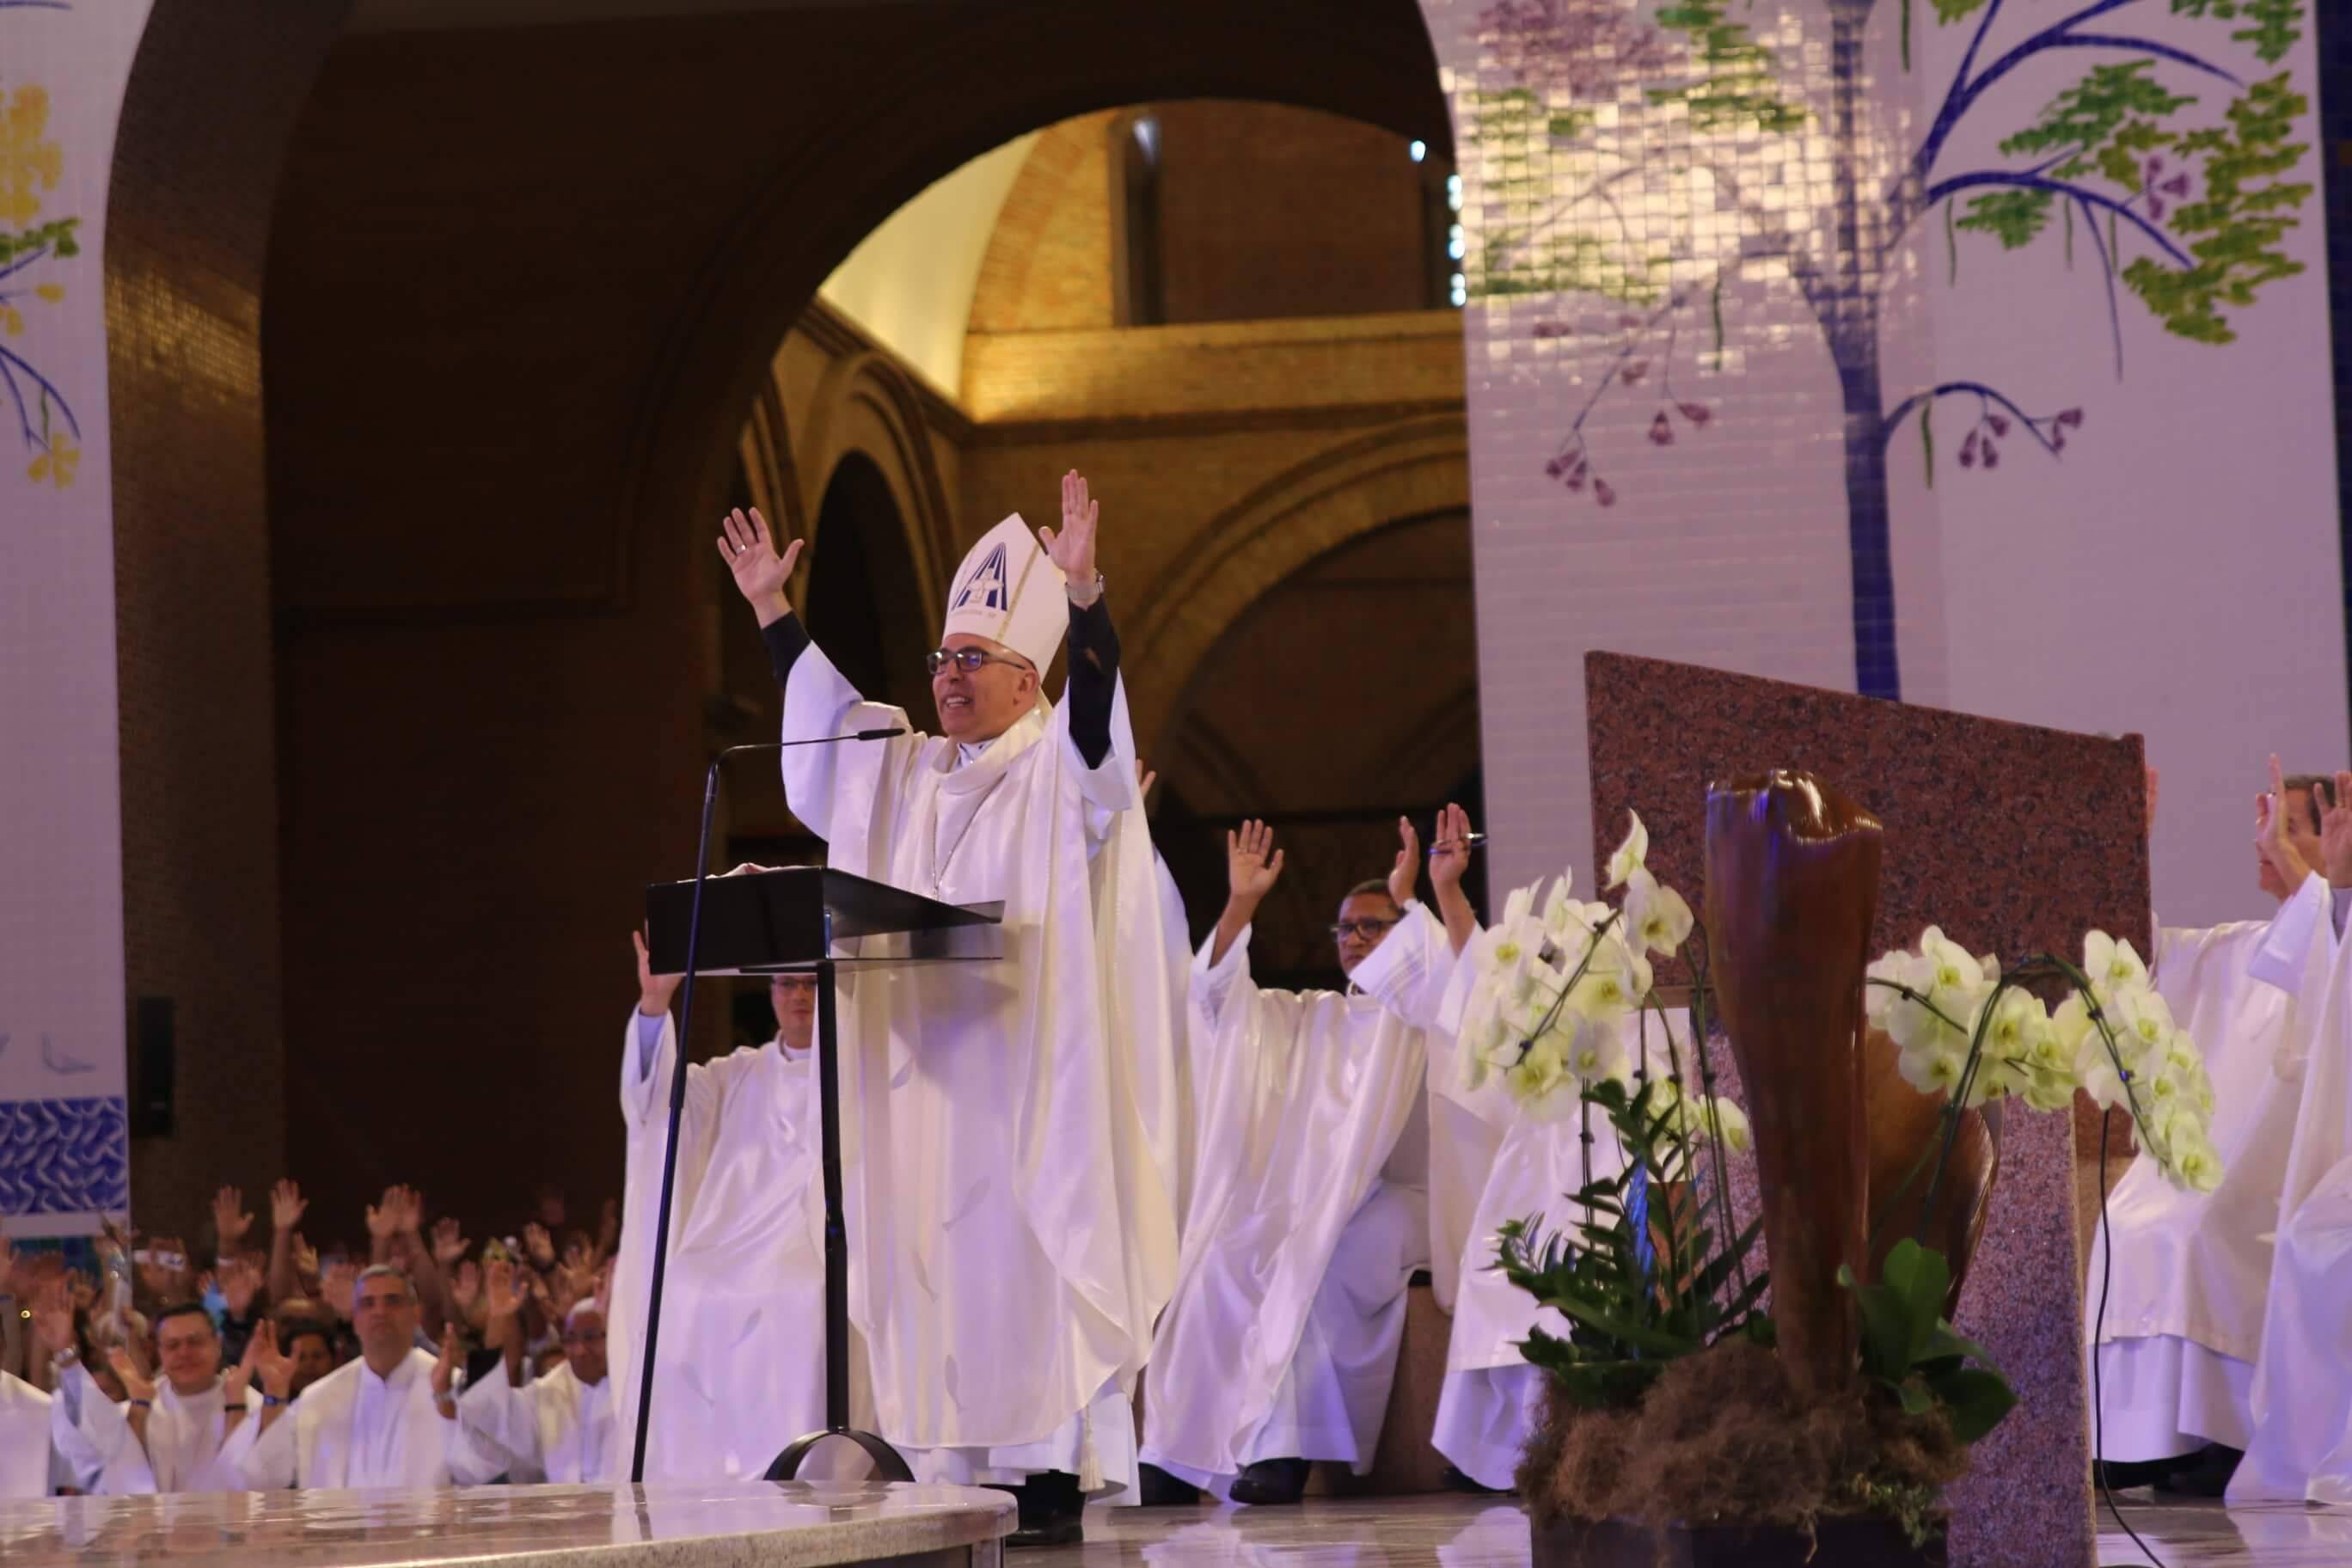 Fiéis no Santuário rezam em intenção das famílias e a defesa da vida